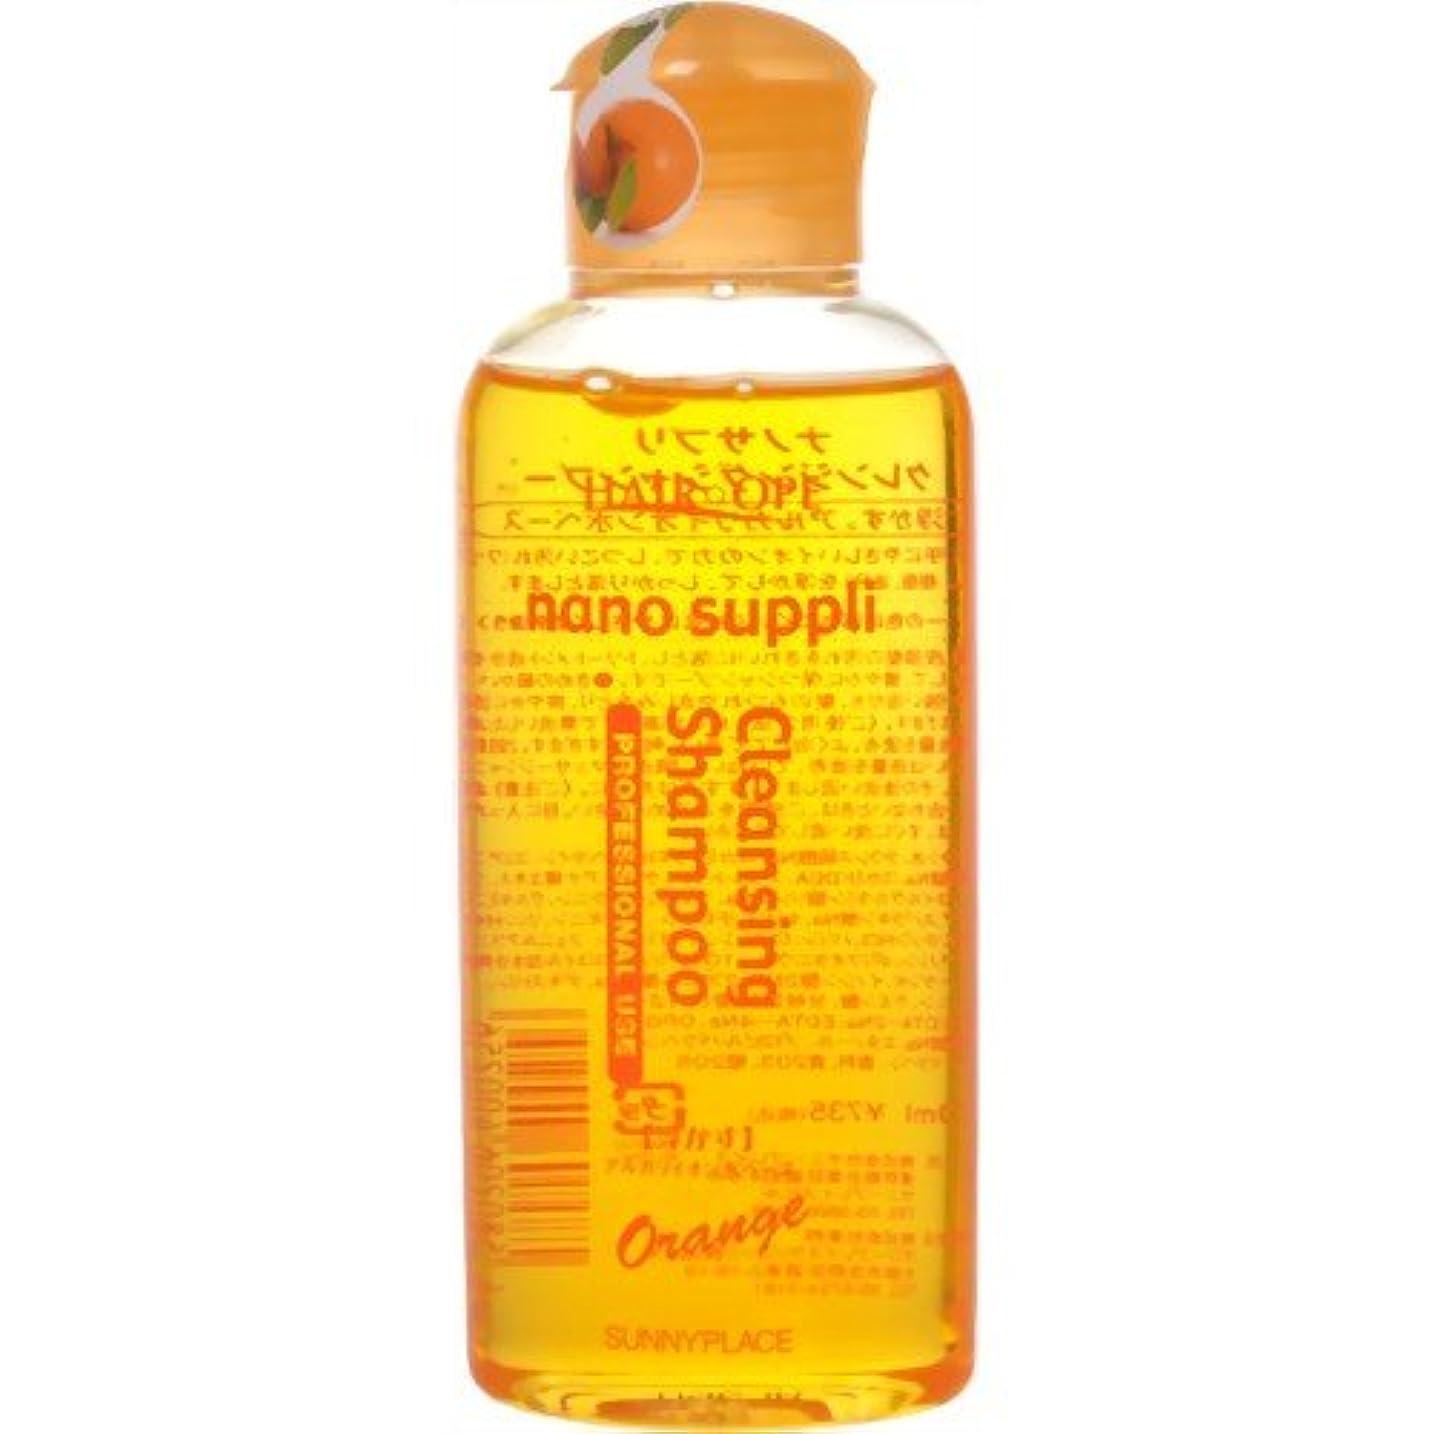 憎しみスリップ息を切らしてヘアオペ ナノサプリ クレンジングシャンプー オレンジ 120ml